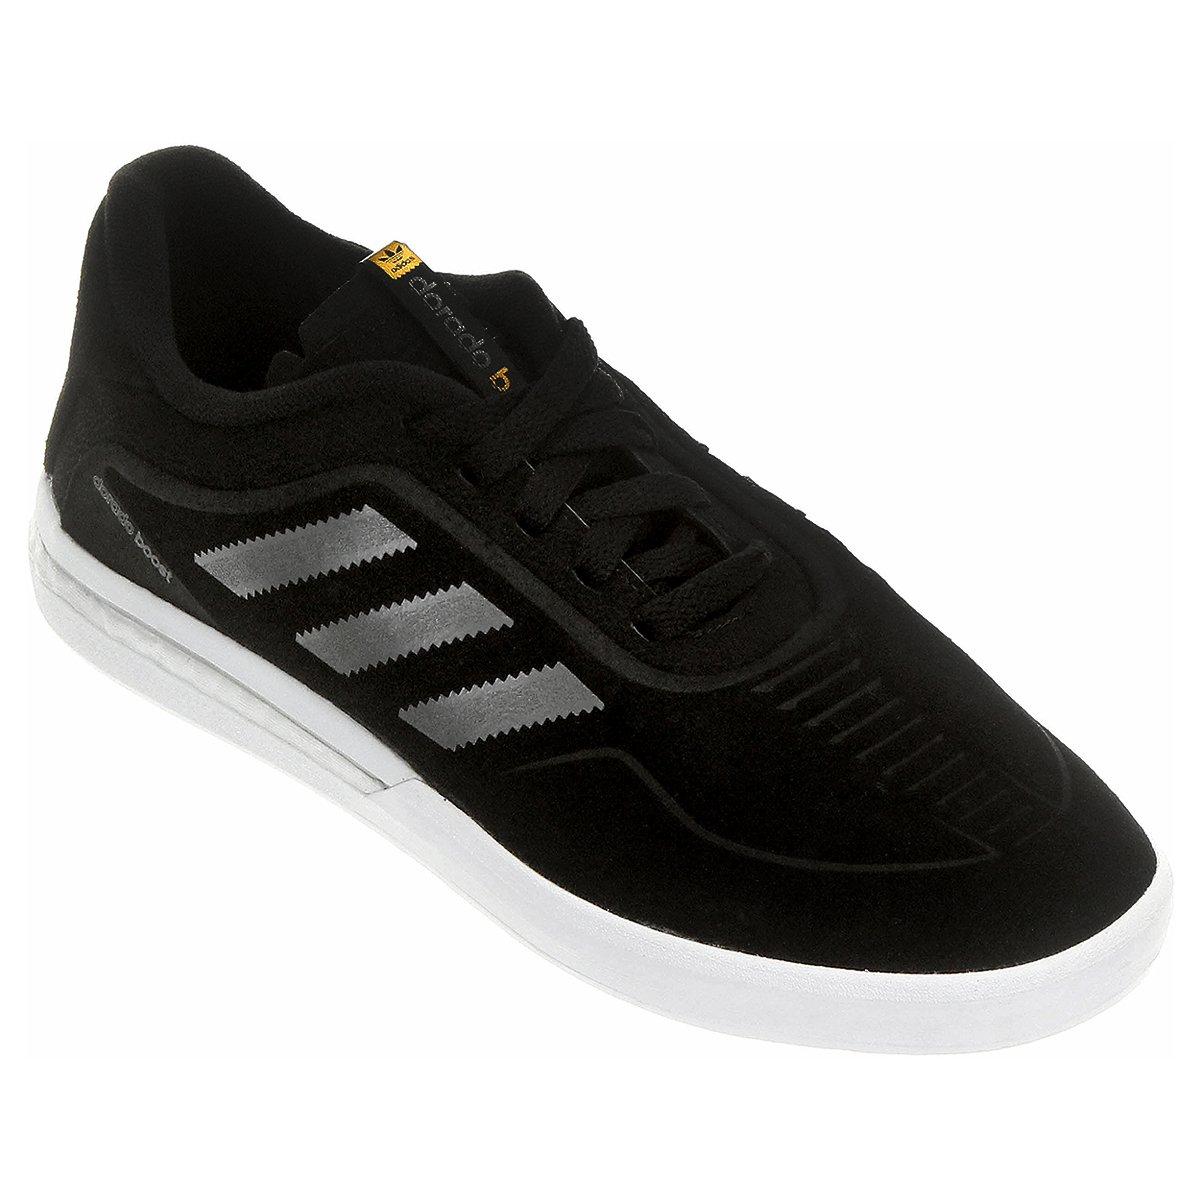 68c0461ed5 Tênis Couro Adidas Dorado Boost Masculino - Compre Agora